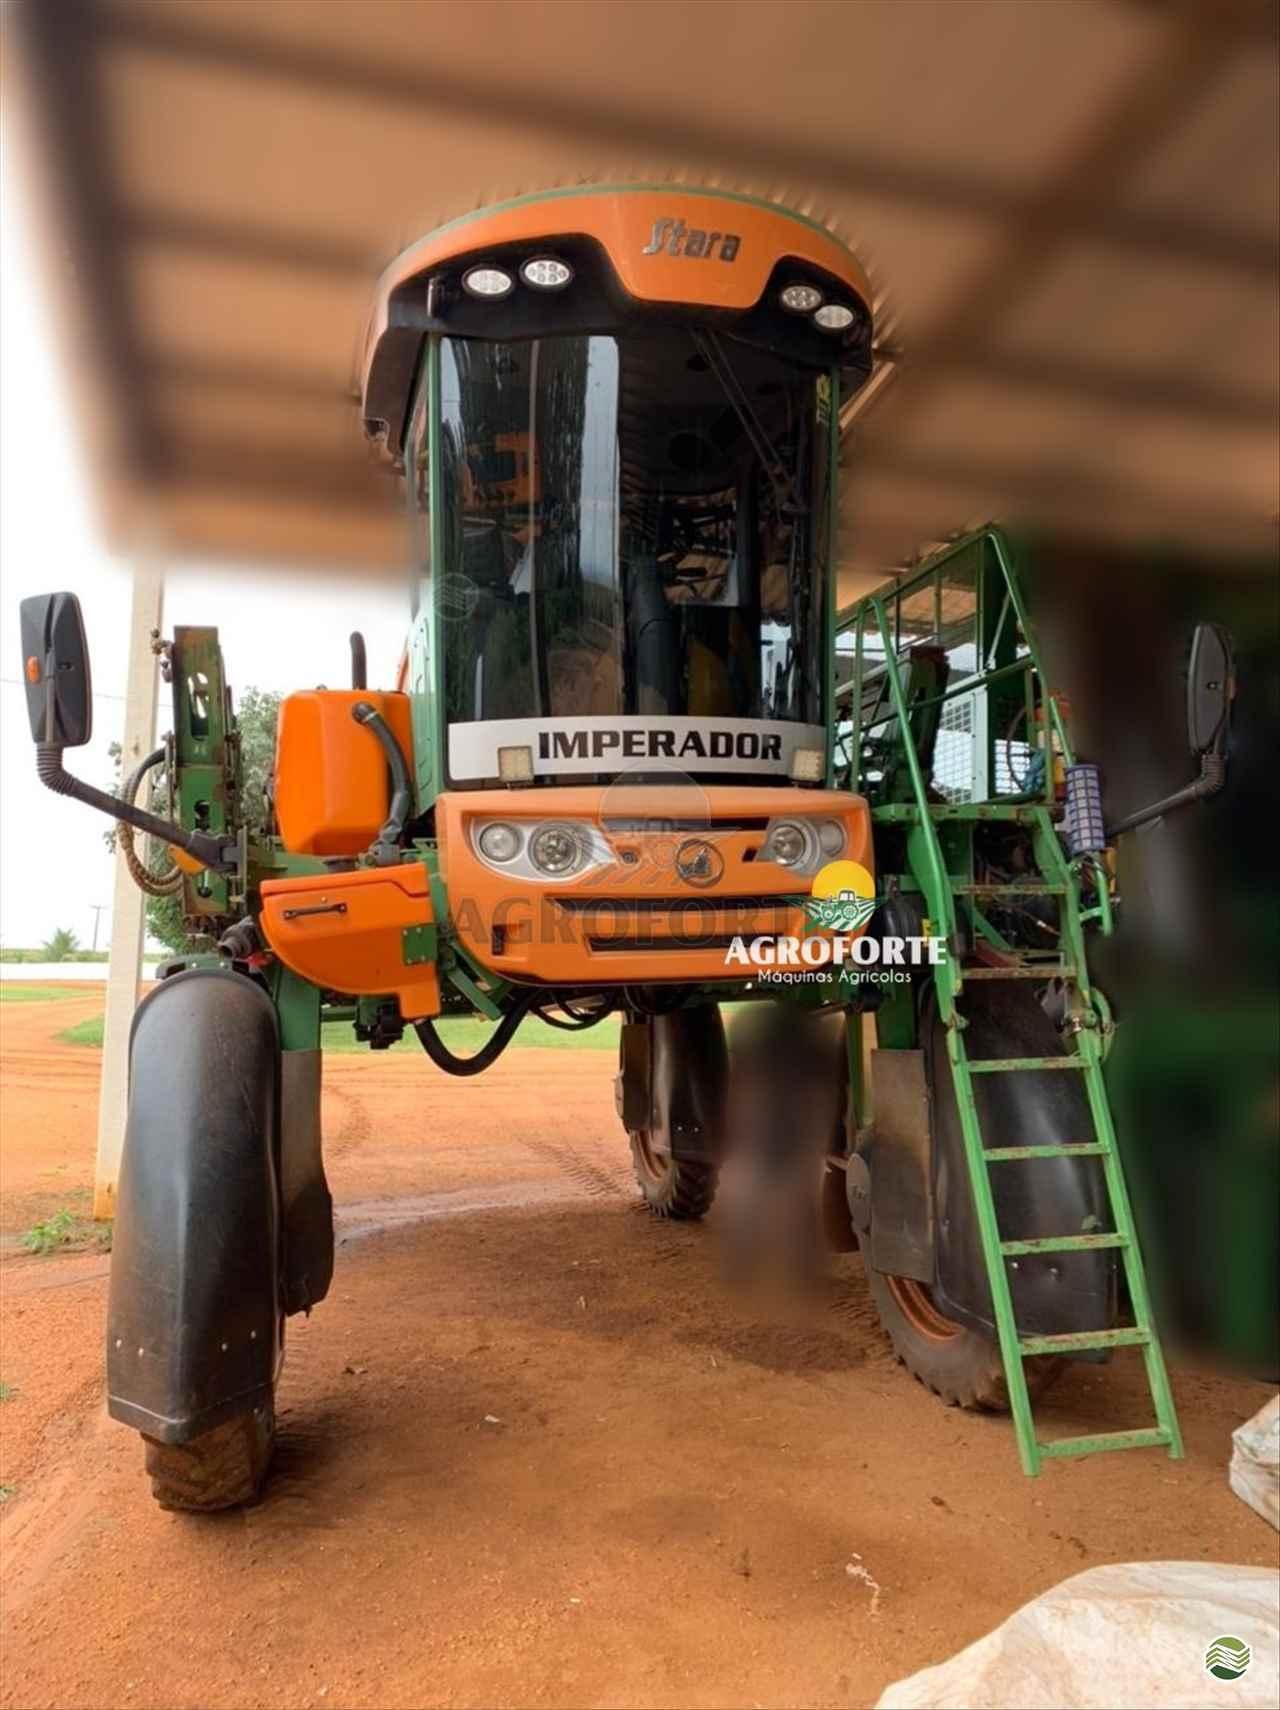 PULVERIZADOR STARA IMPERADOR 3100 Tração 4x4 Agroforte Máquinas PRIMAVERA DO LESTE MATO GROSSO MT